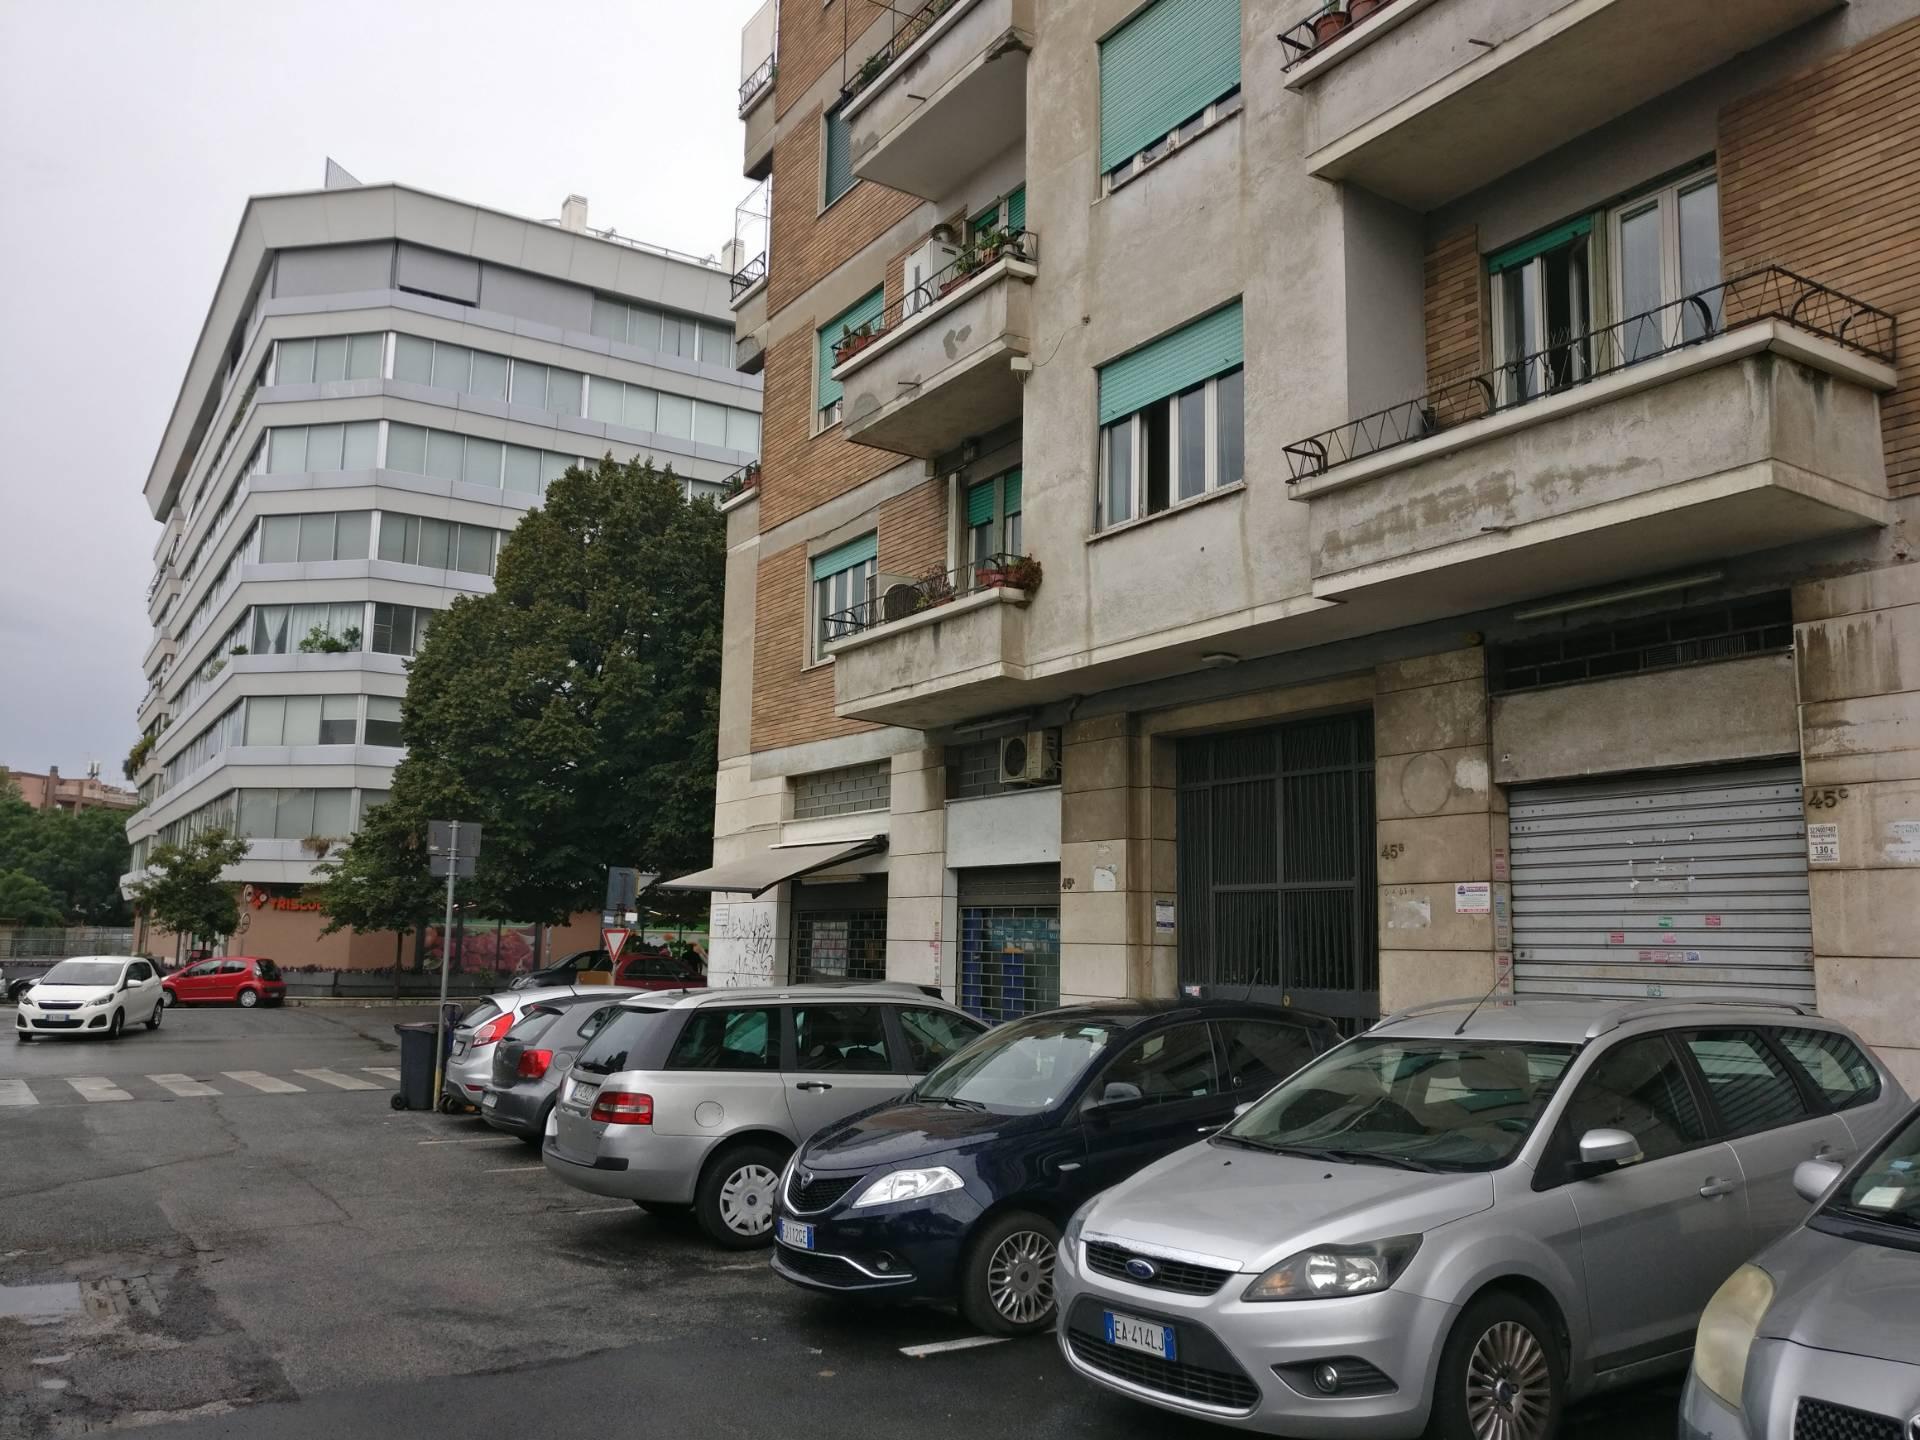 Laboratorio in vendita a Roma, 9999 locali, Trattative riservate | CambioCasa.it